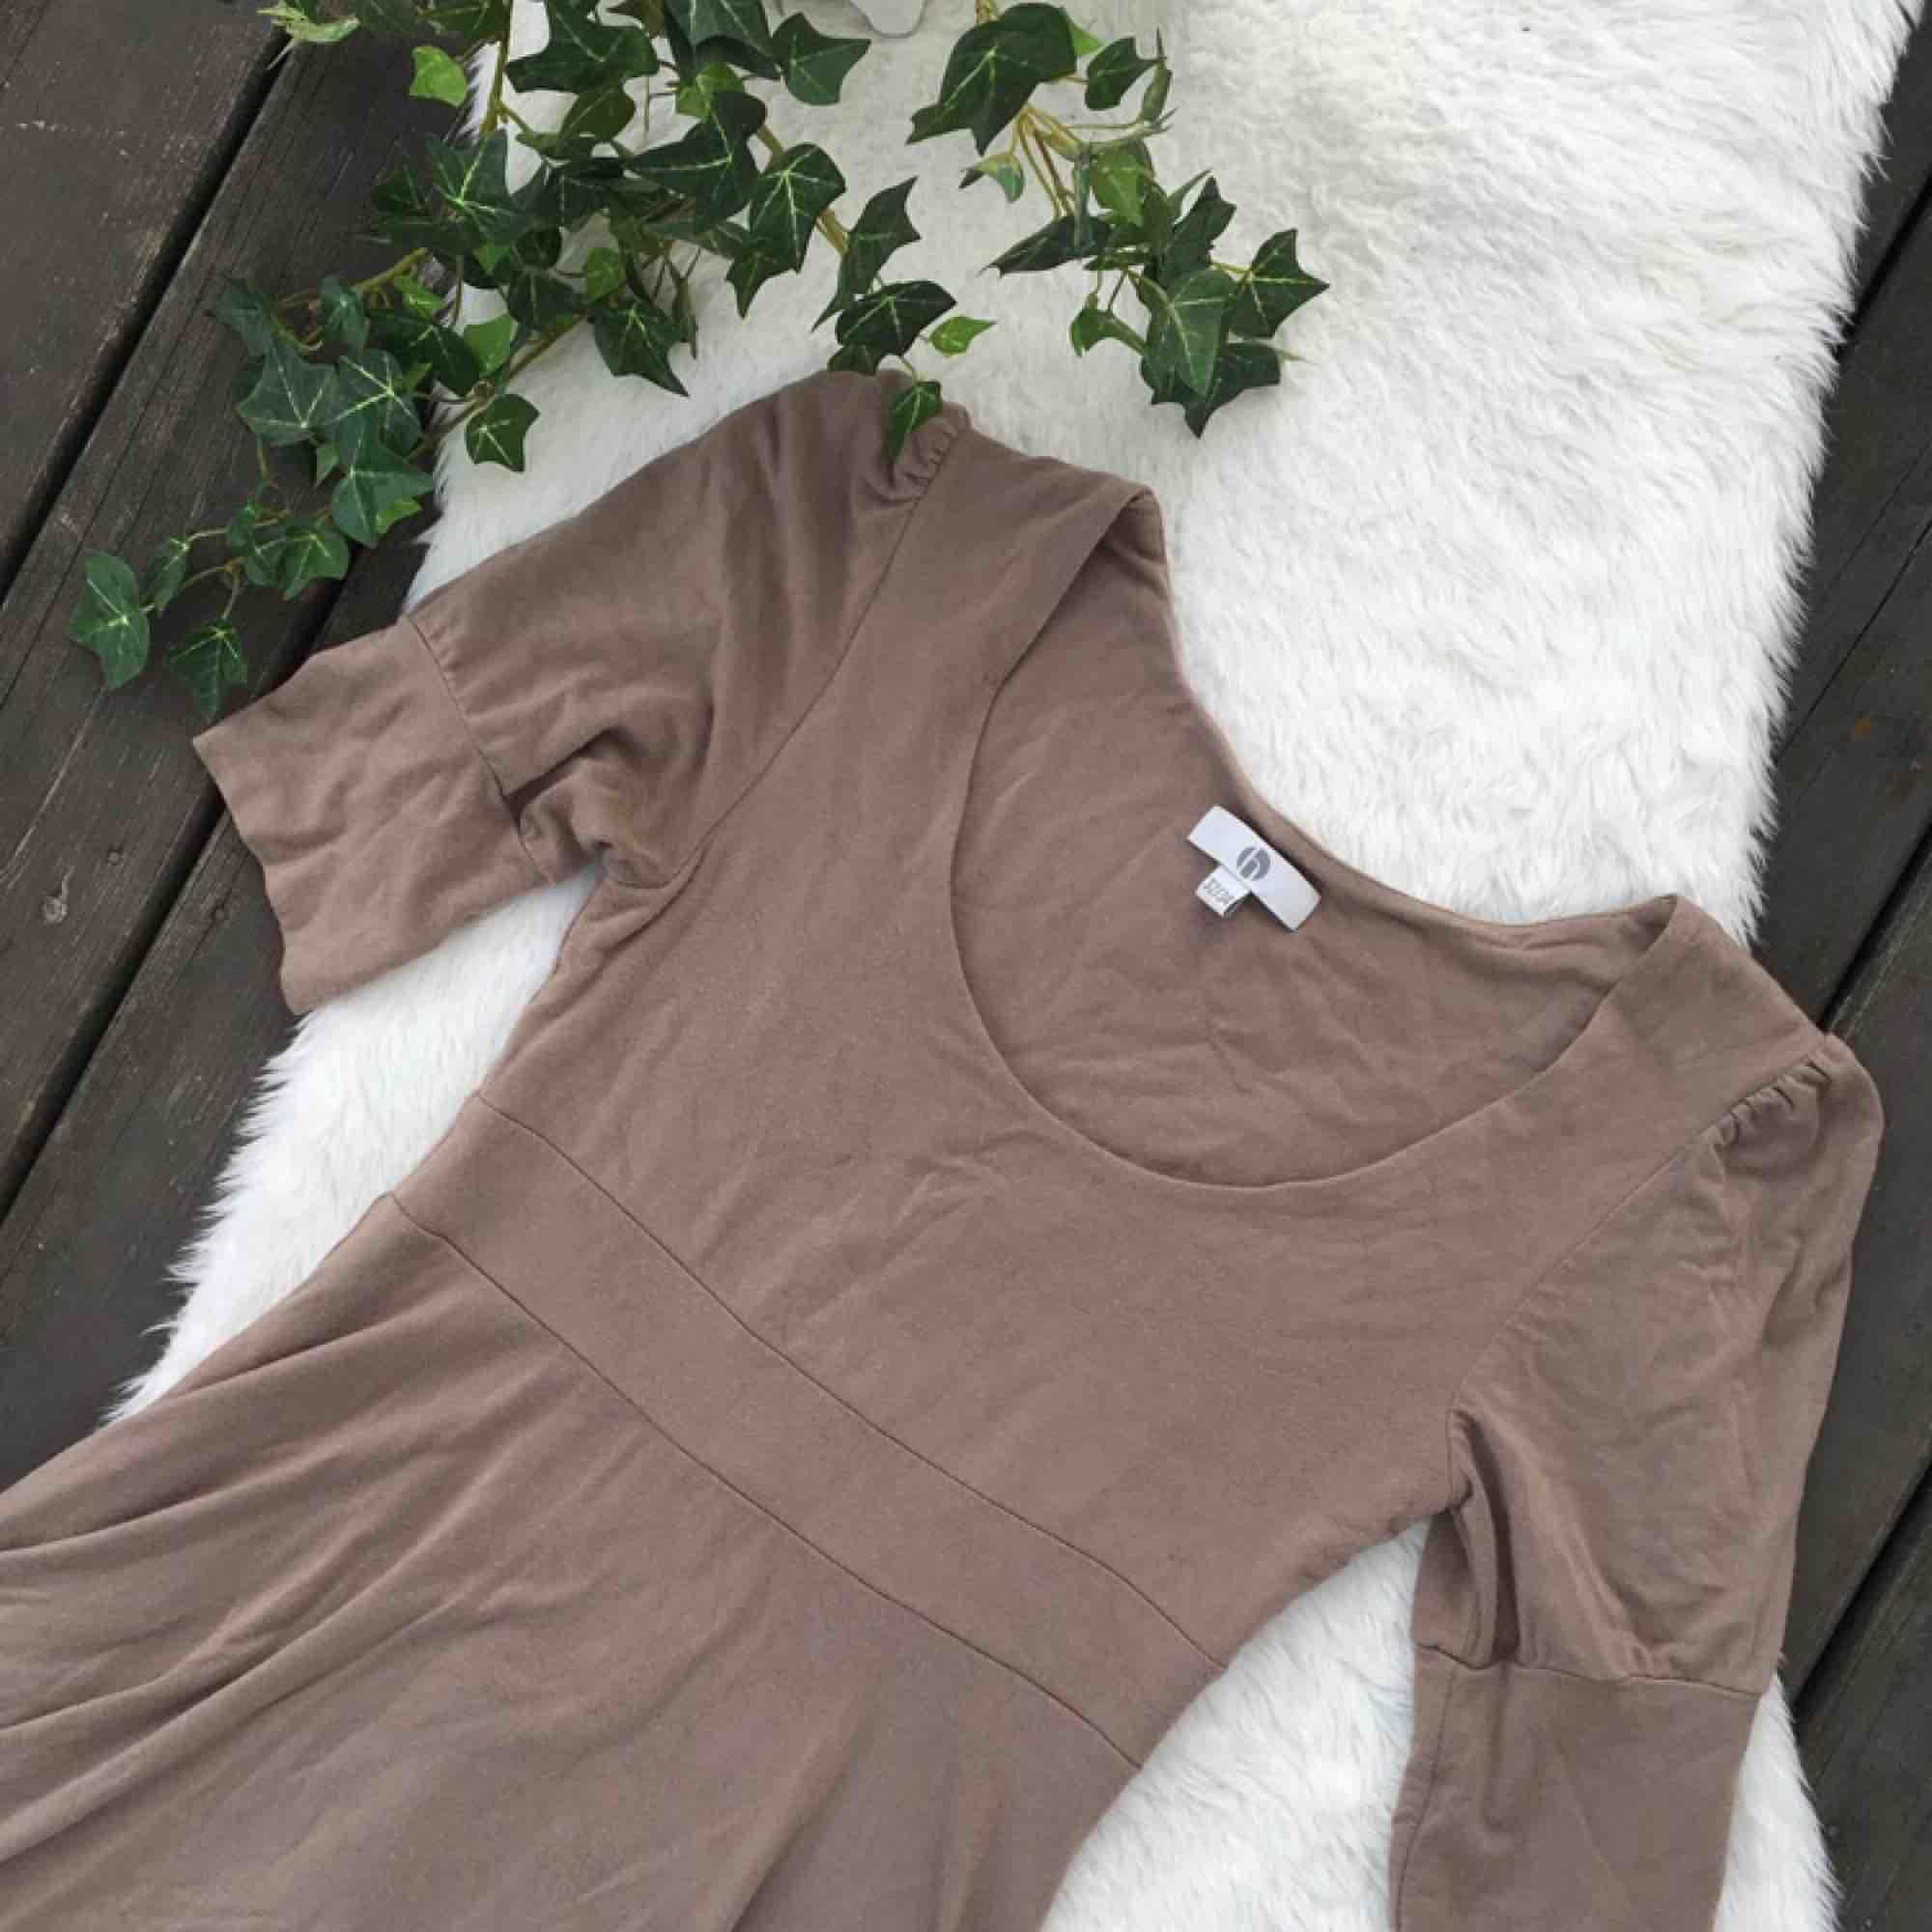 Jättefin klänning i skönt material. Storlek 32/34 men passar även mig som har 36/38. Knappt använd så i nyskick. Frakt ingår i priset.. Klänningar.